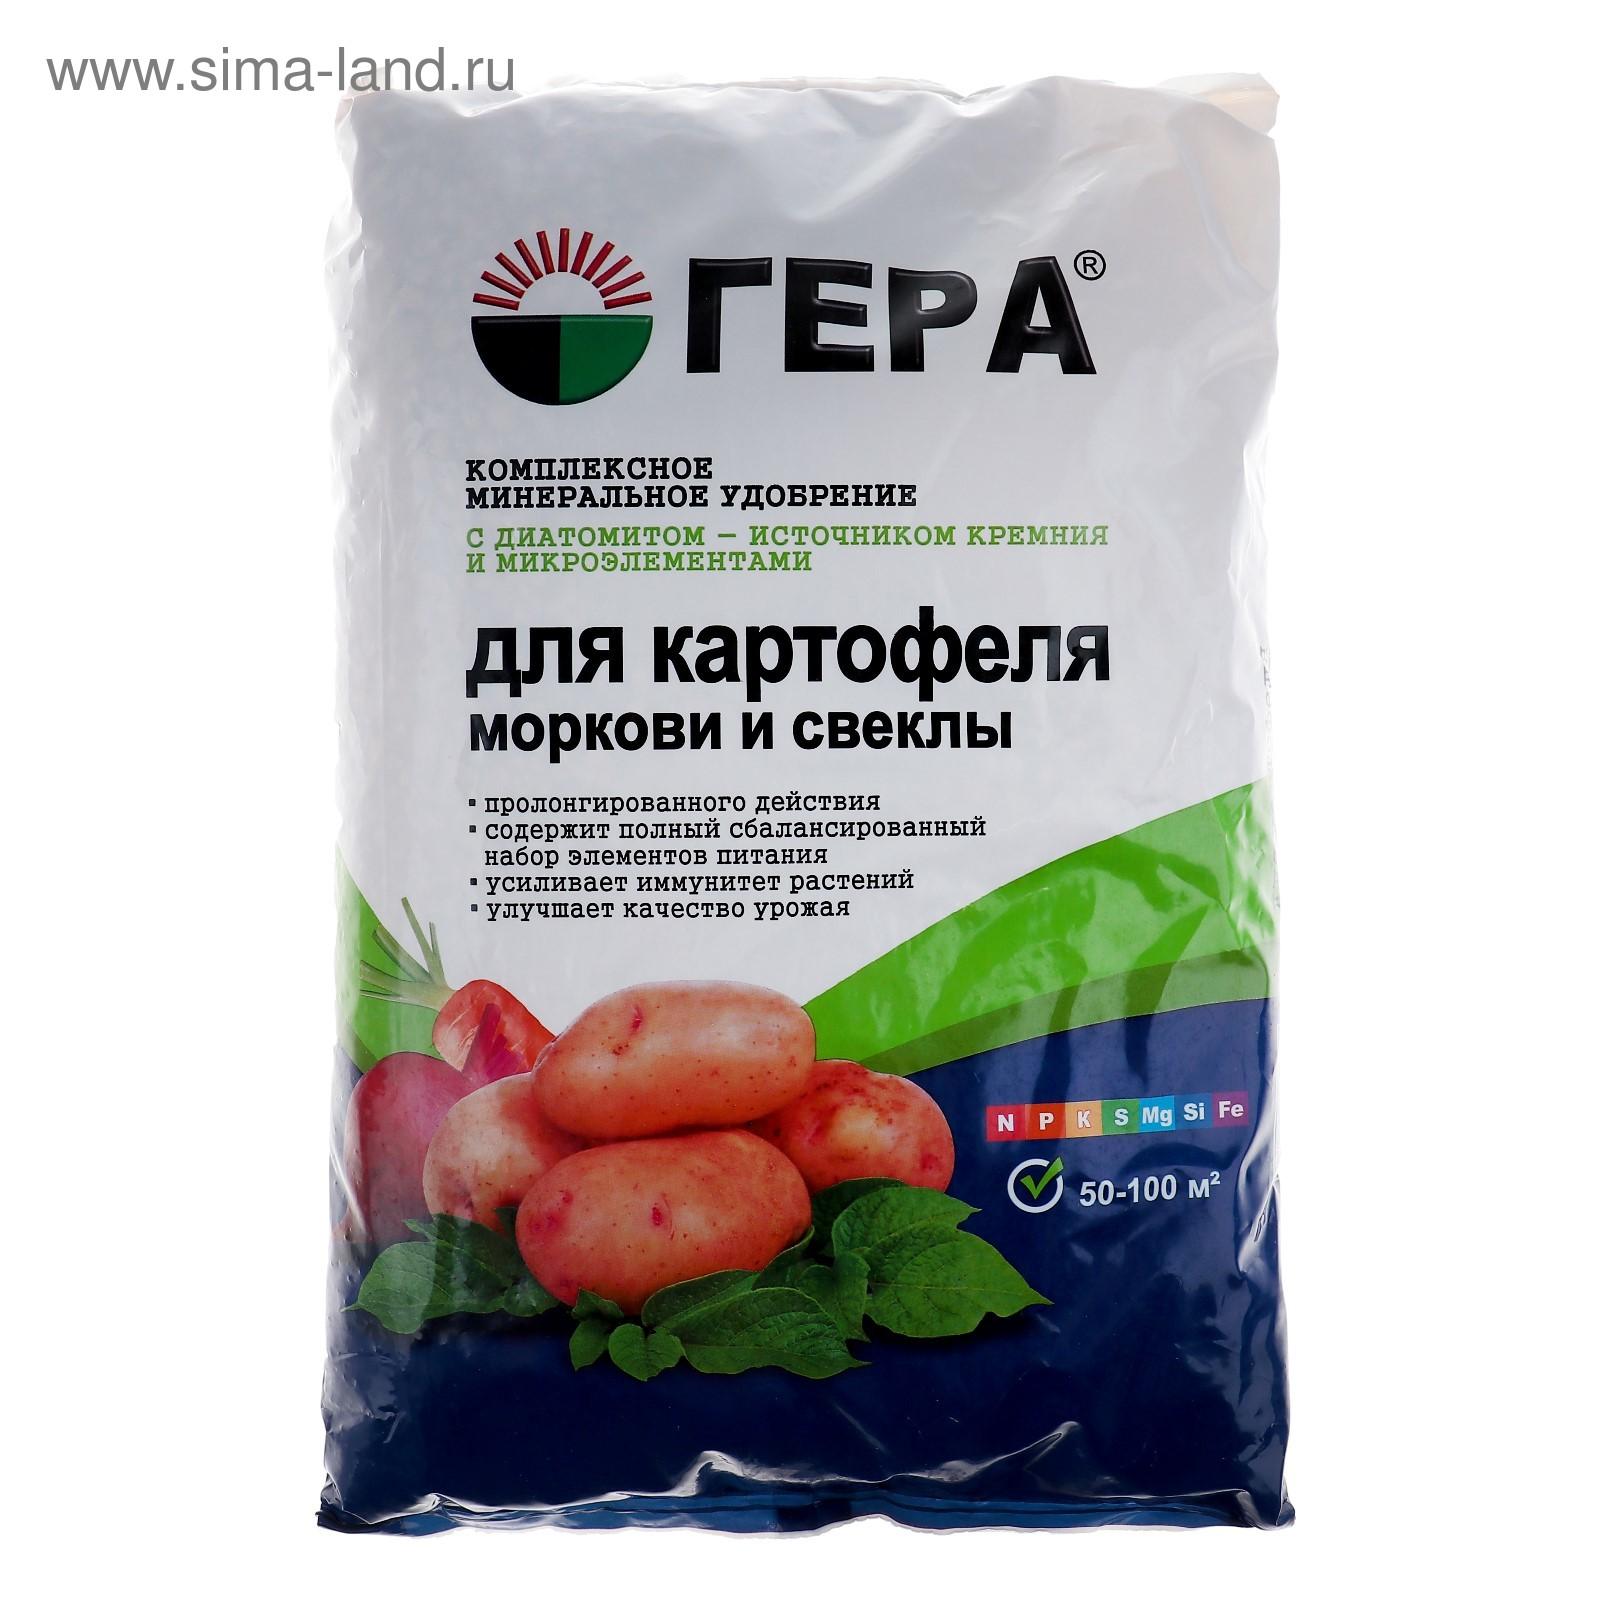 Удобрение для Картофели,моркови и свеклы 2,3кг(Гера) (155р.)